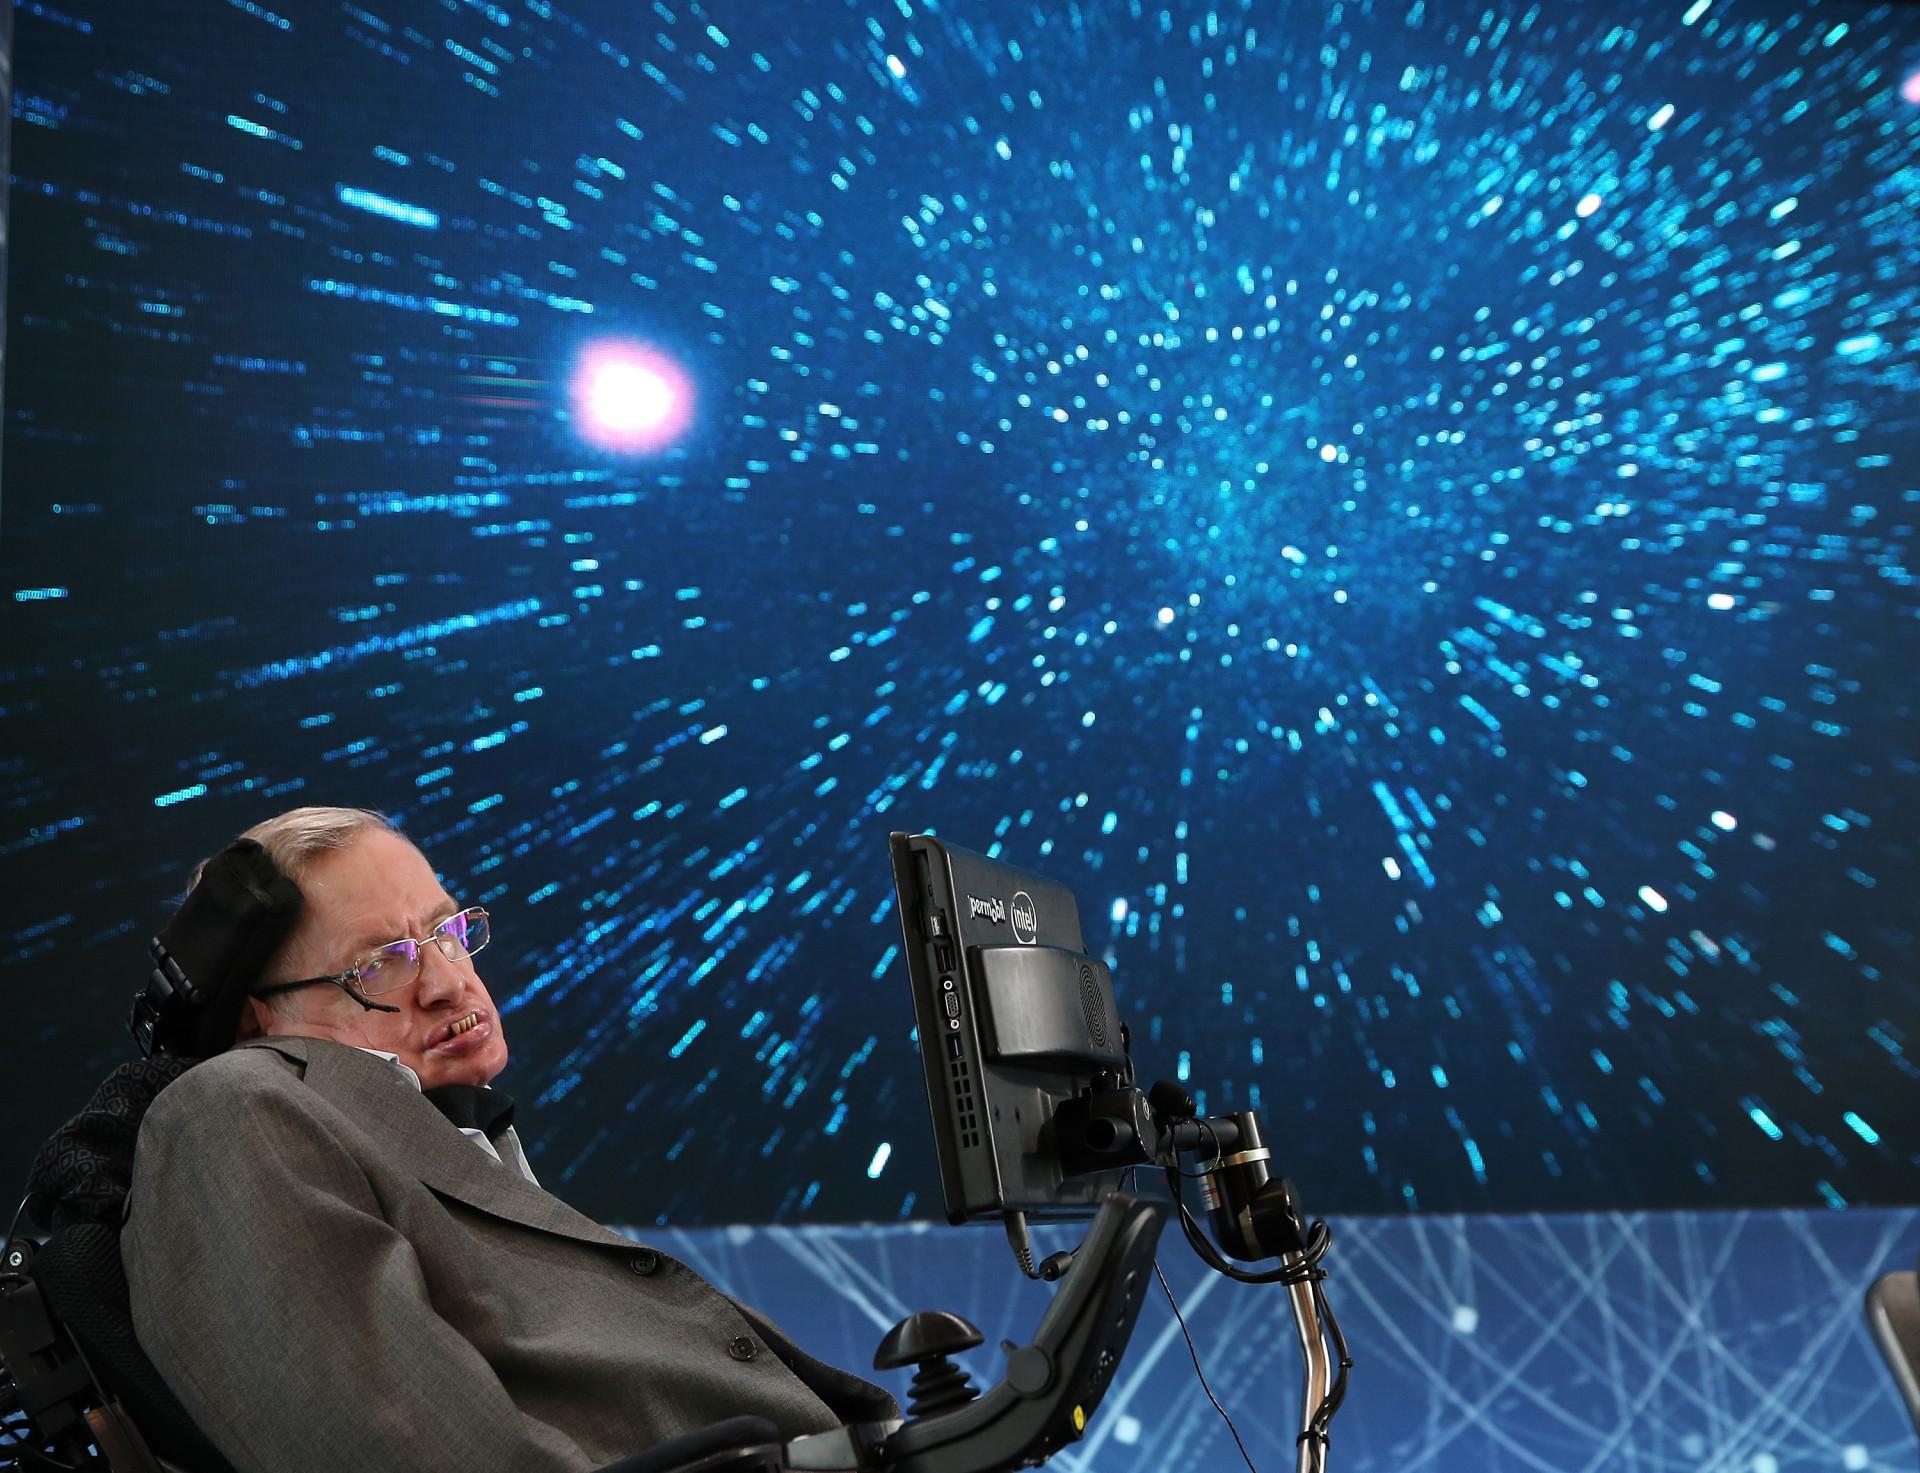 Relembre algumas das frases inesquecíveis ditas por Stephen Hawking